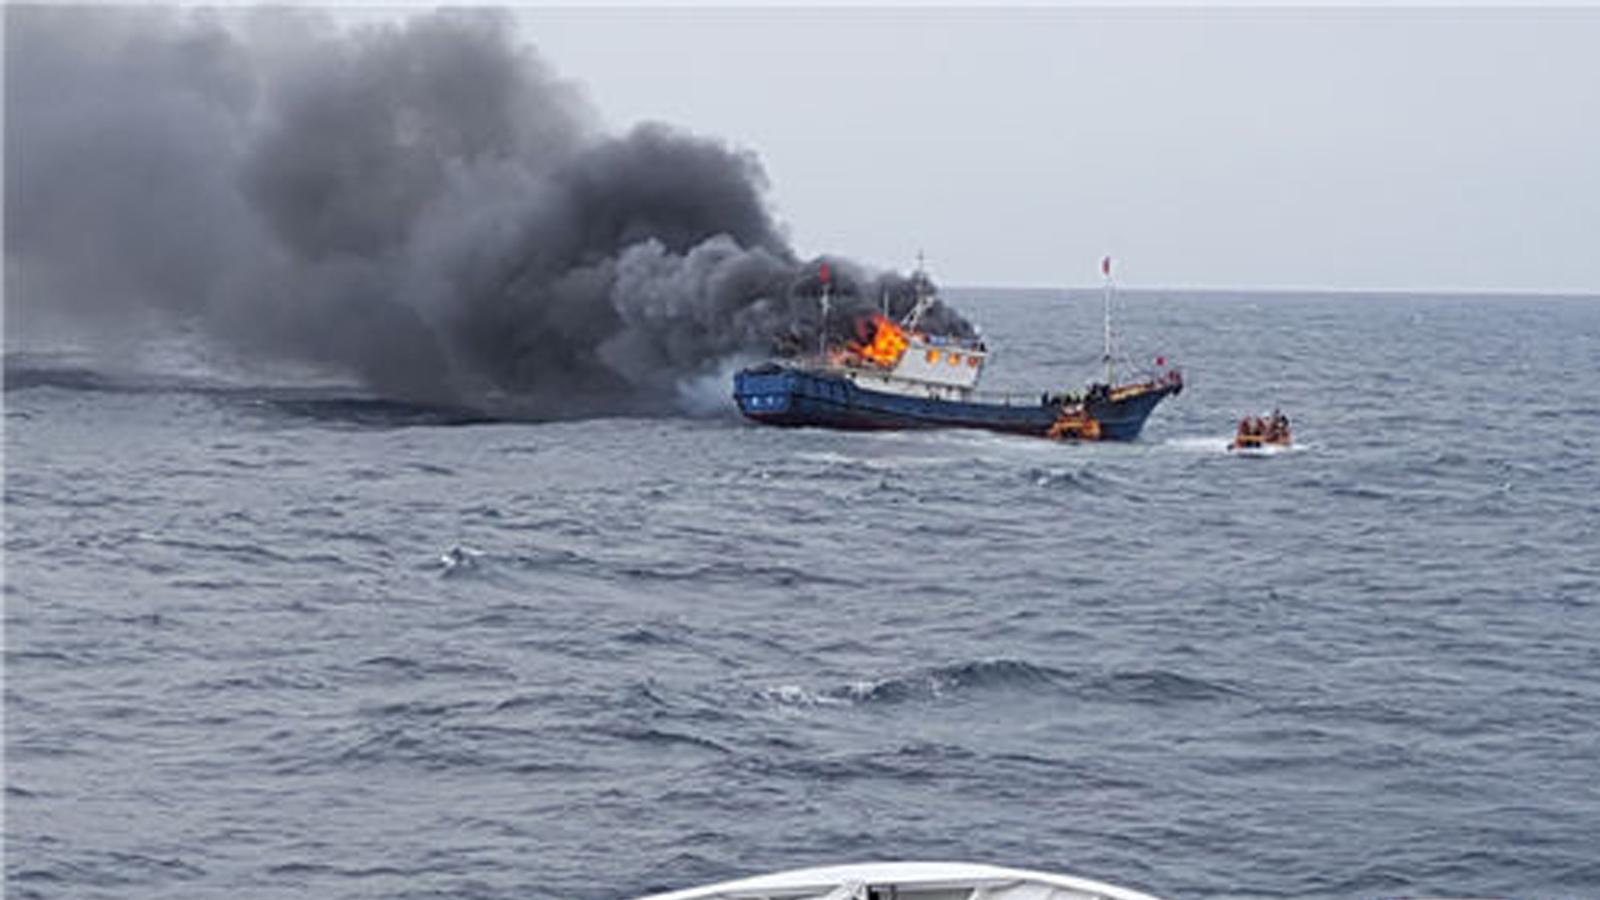 韩国海警向中国渔船投掷爆音弹 3名中国船员死亡